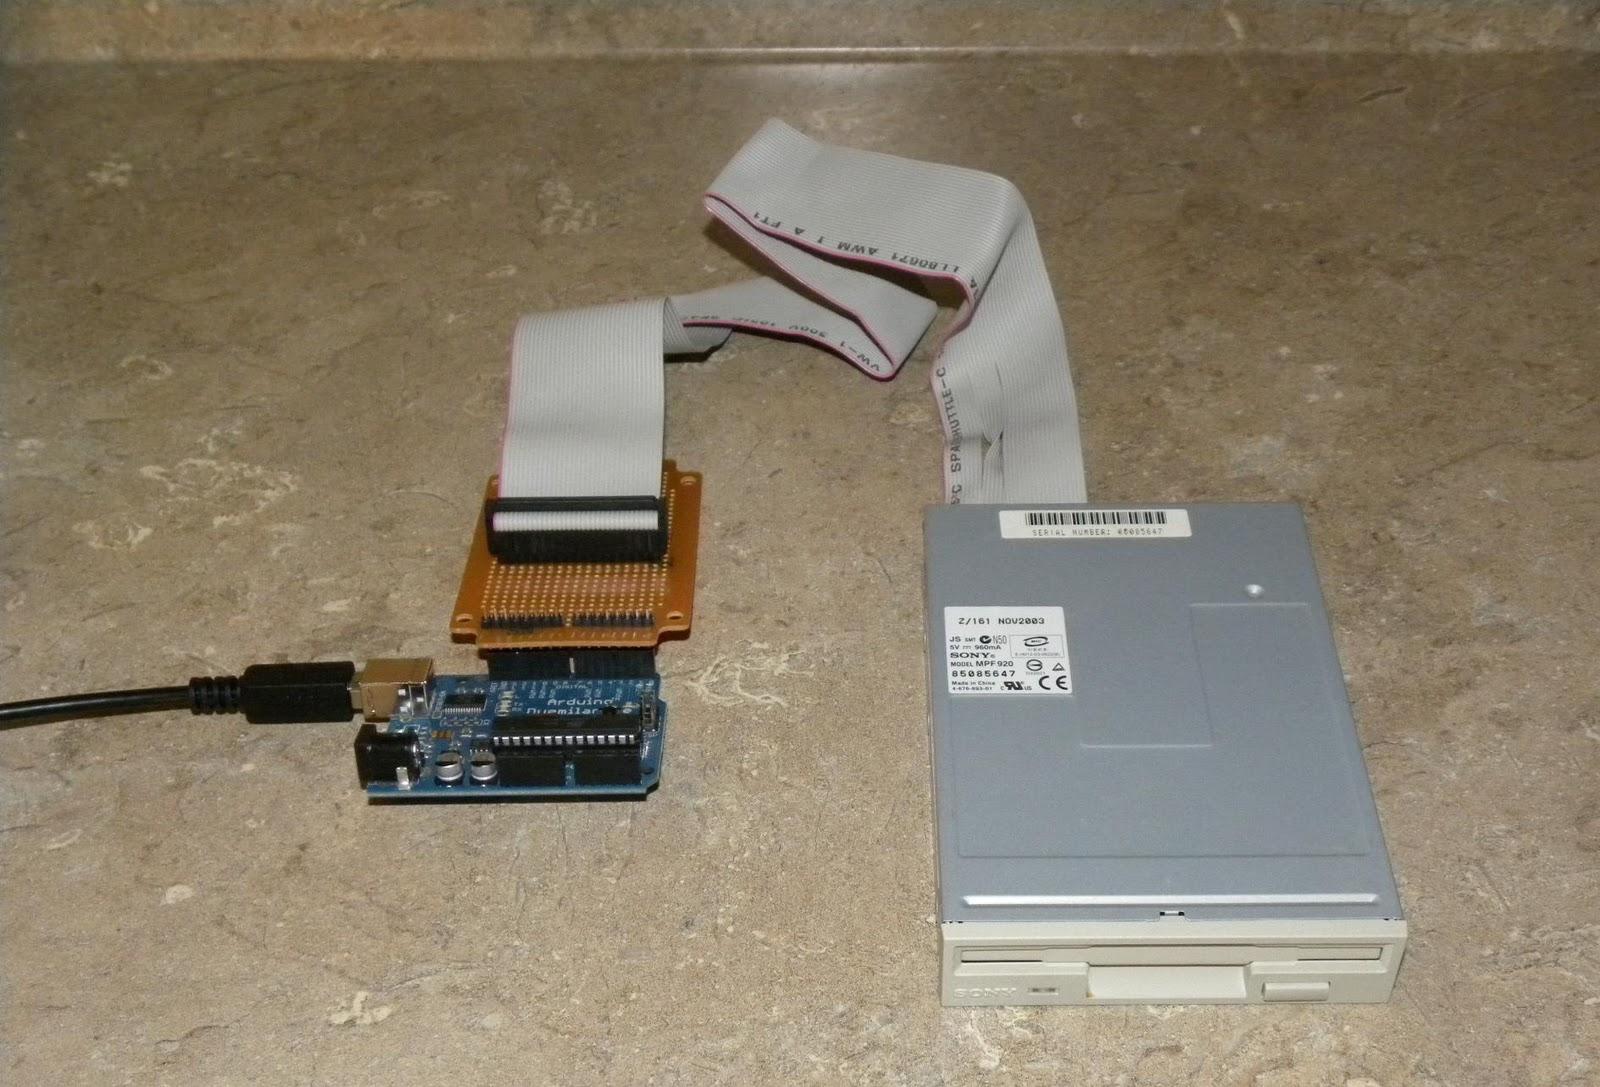 Gin in the okanagan arduino floppy drive shield